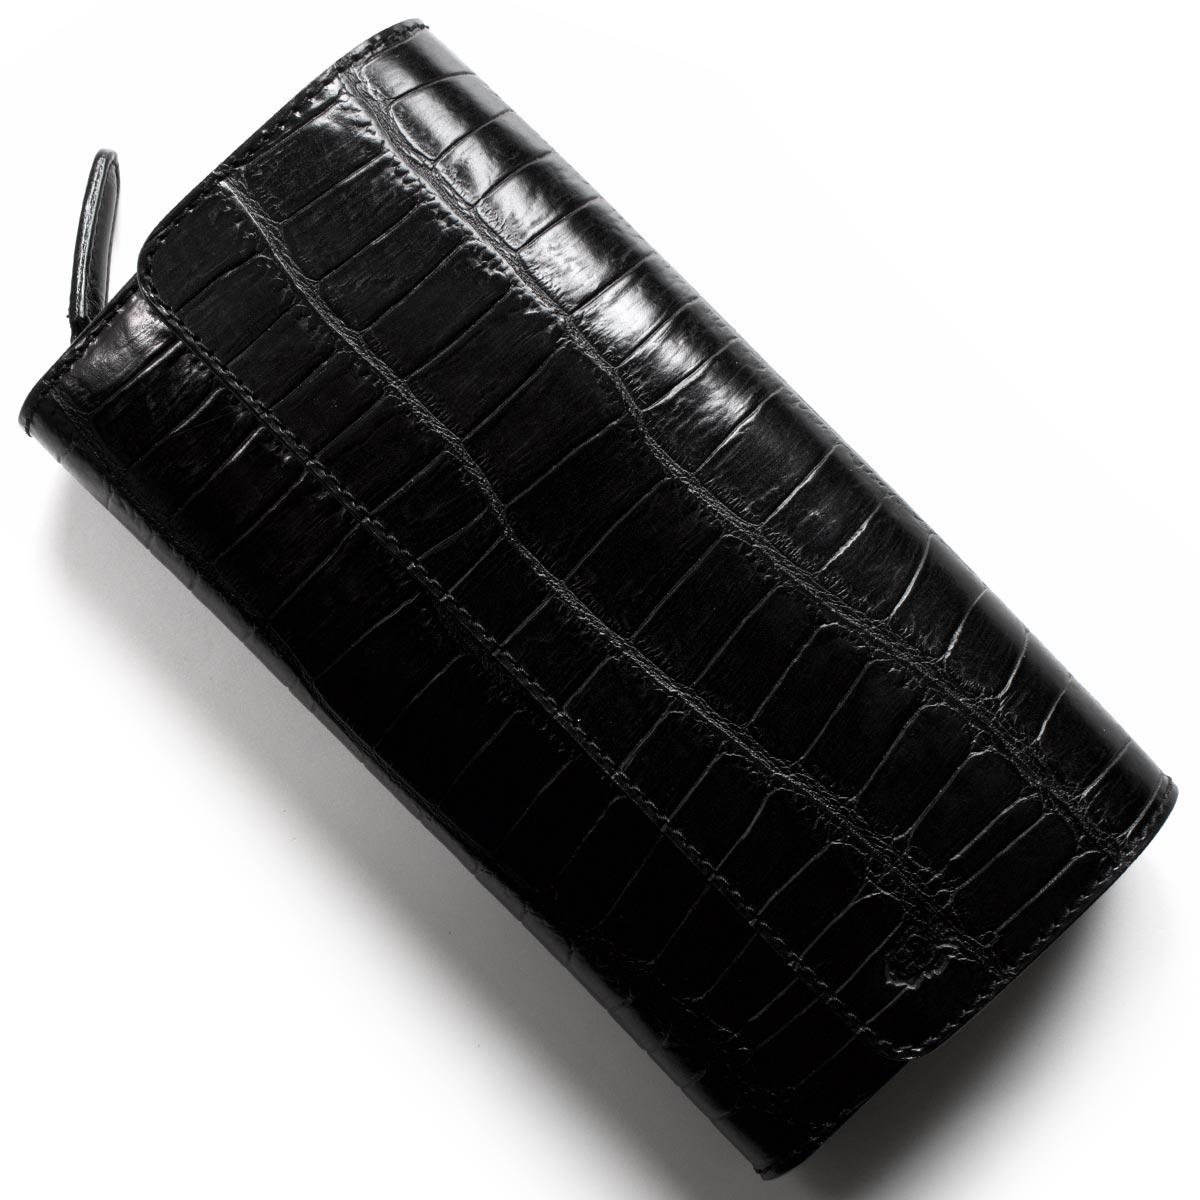 フェリージ 長財布 財布 メンズ クロコ型押し ブラック 447 SA 0003 FELISI